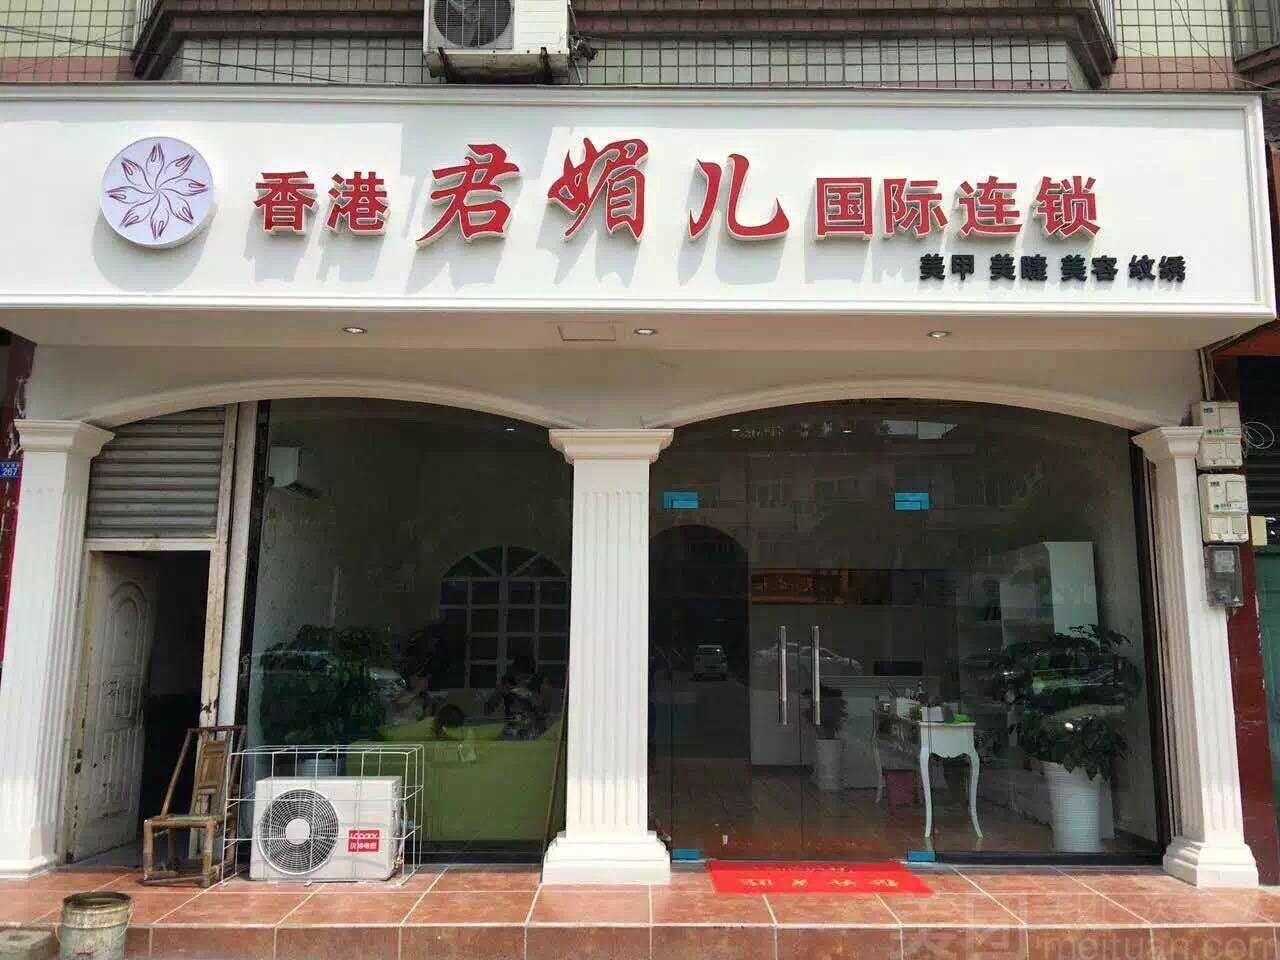 香港君媚儿国际连锁-美团